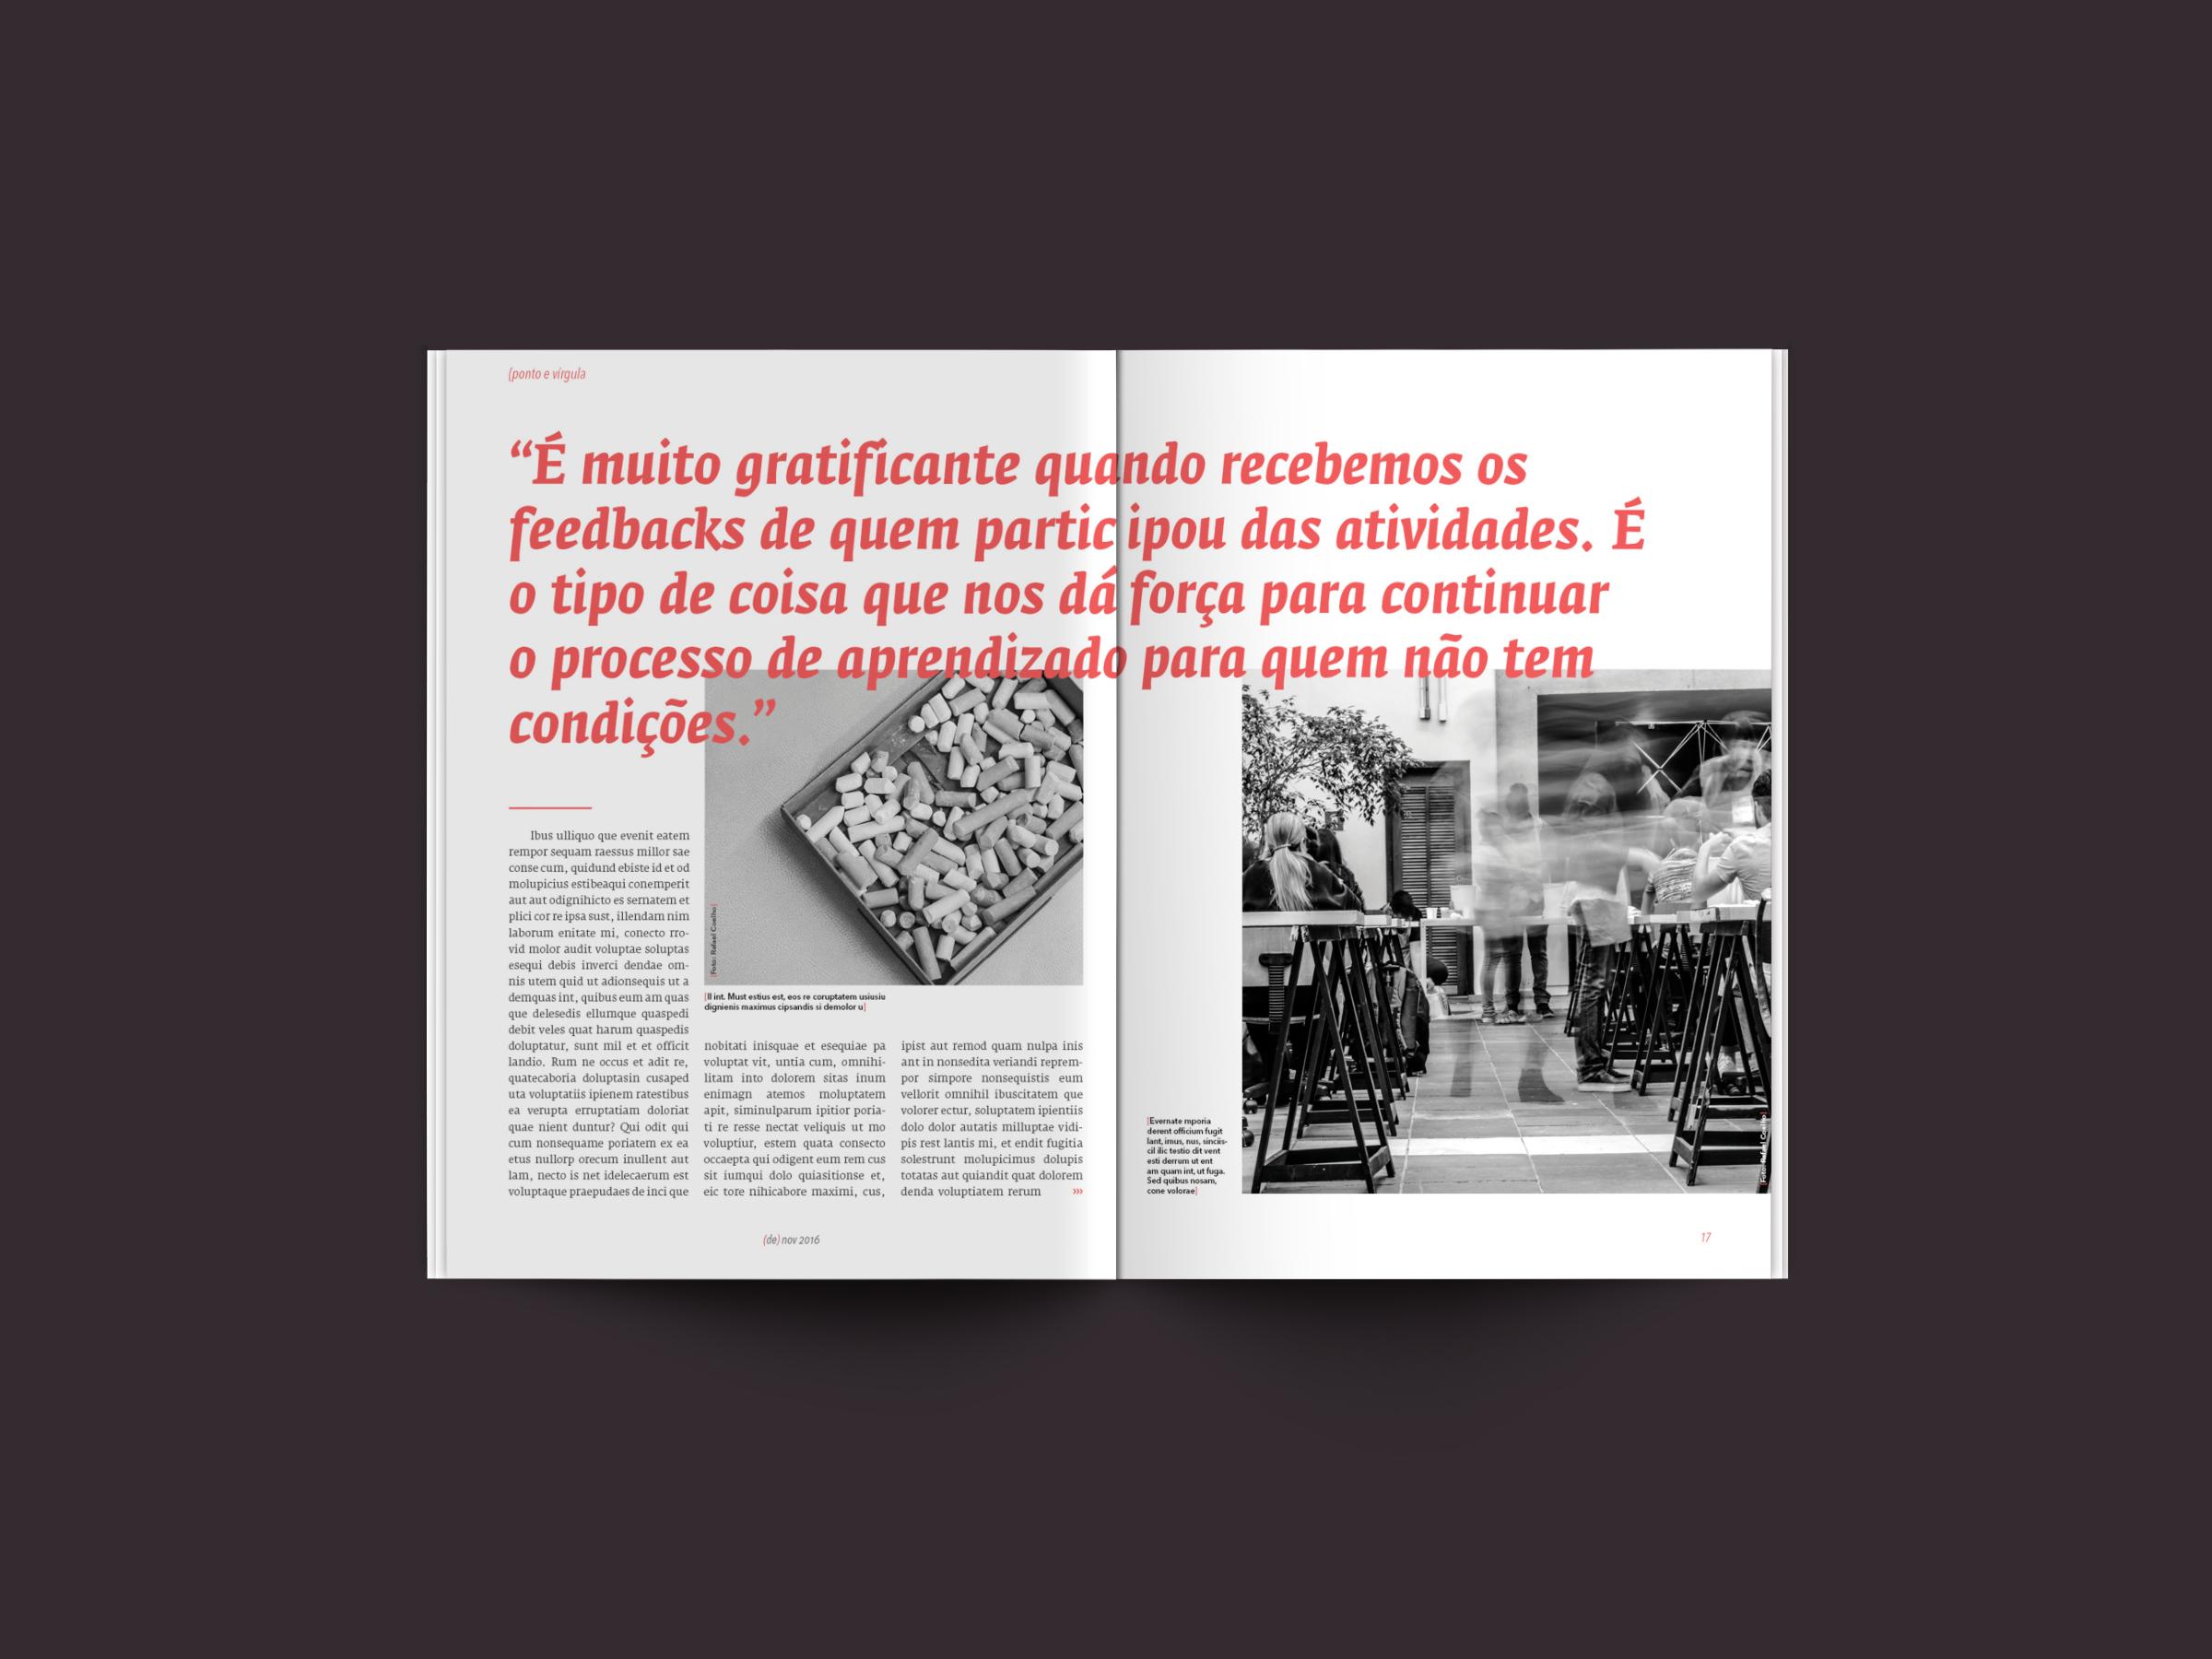 revista3.jpg